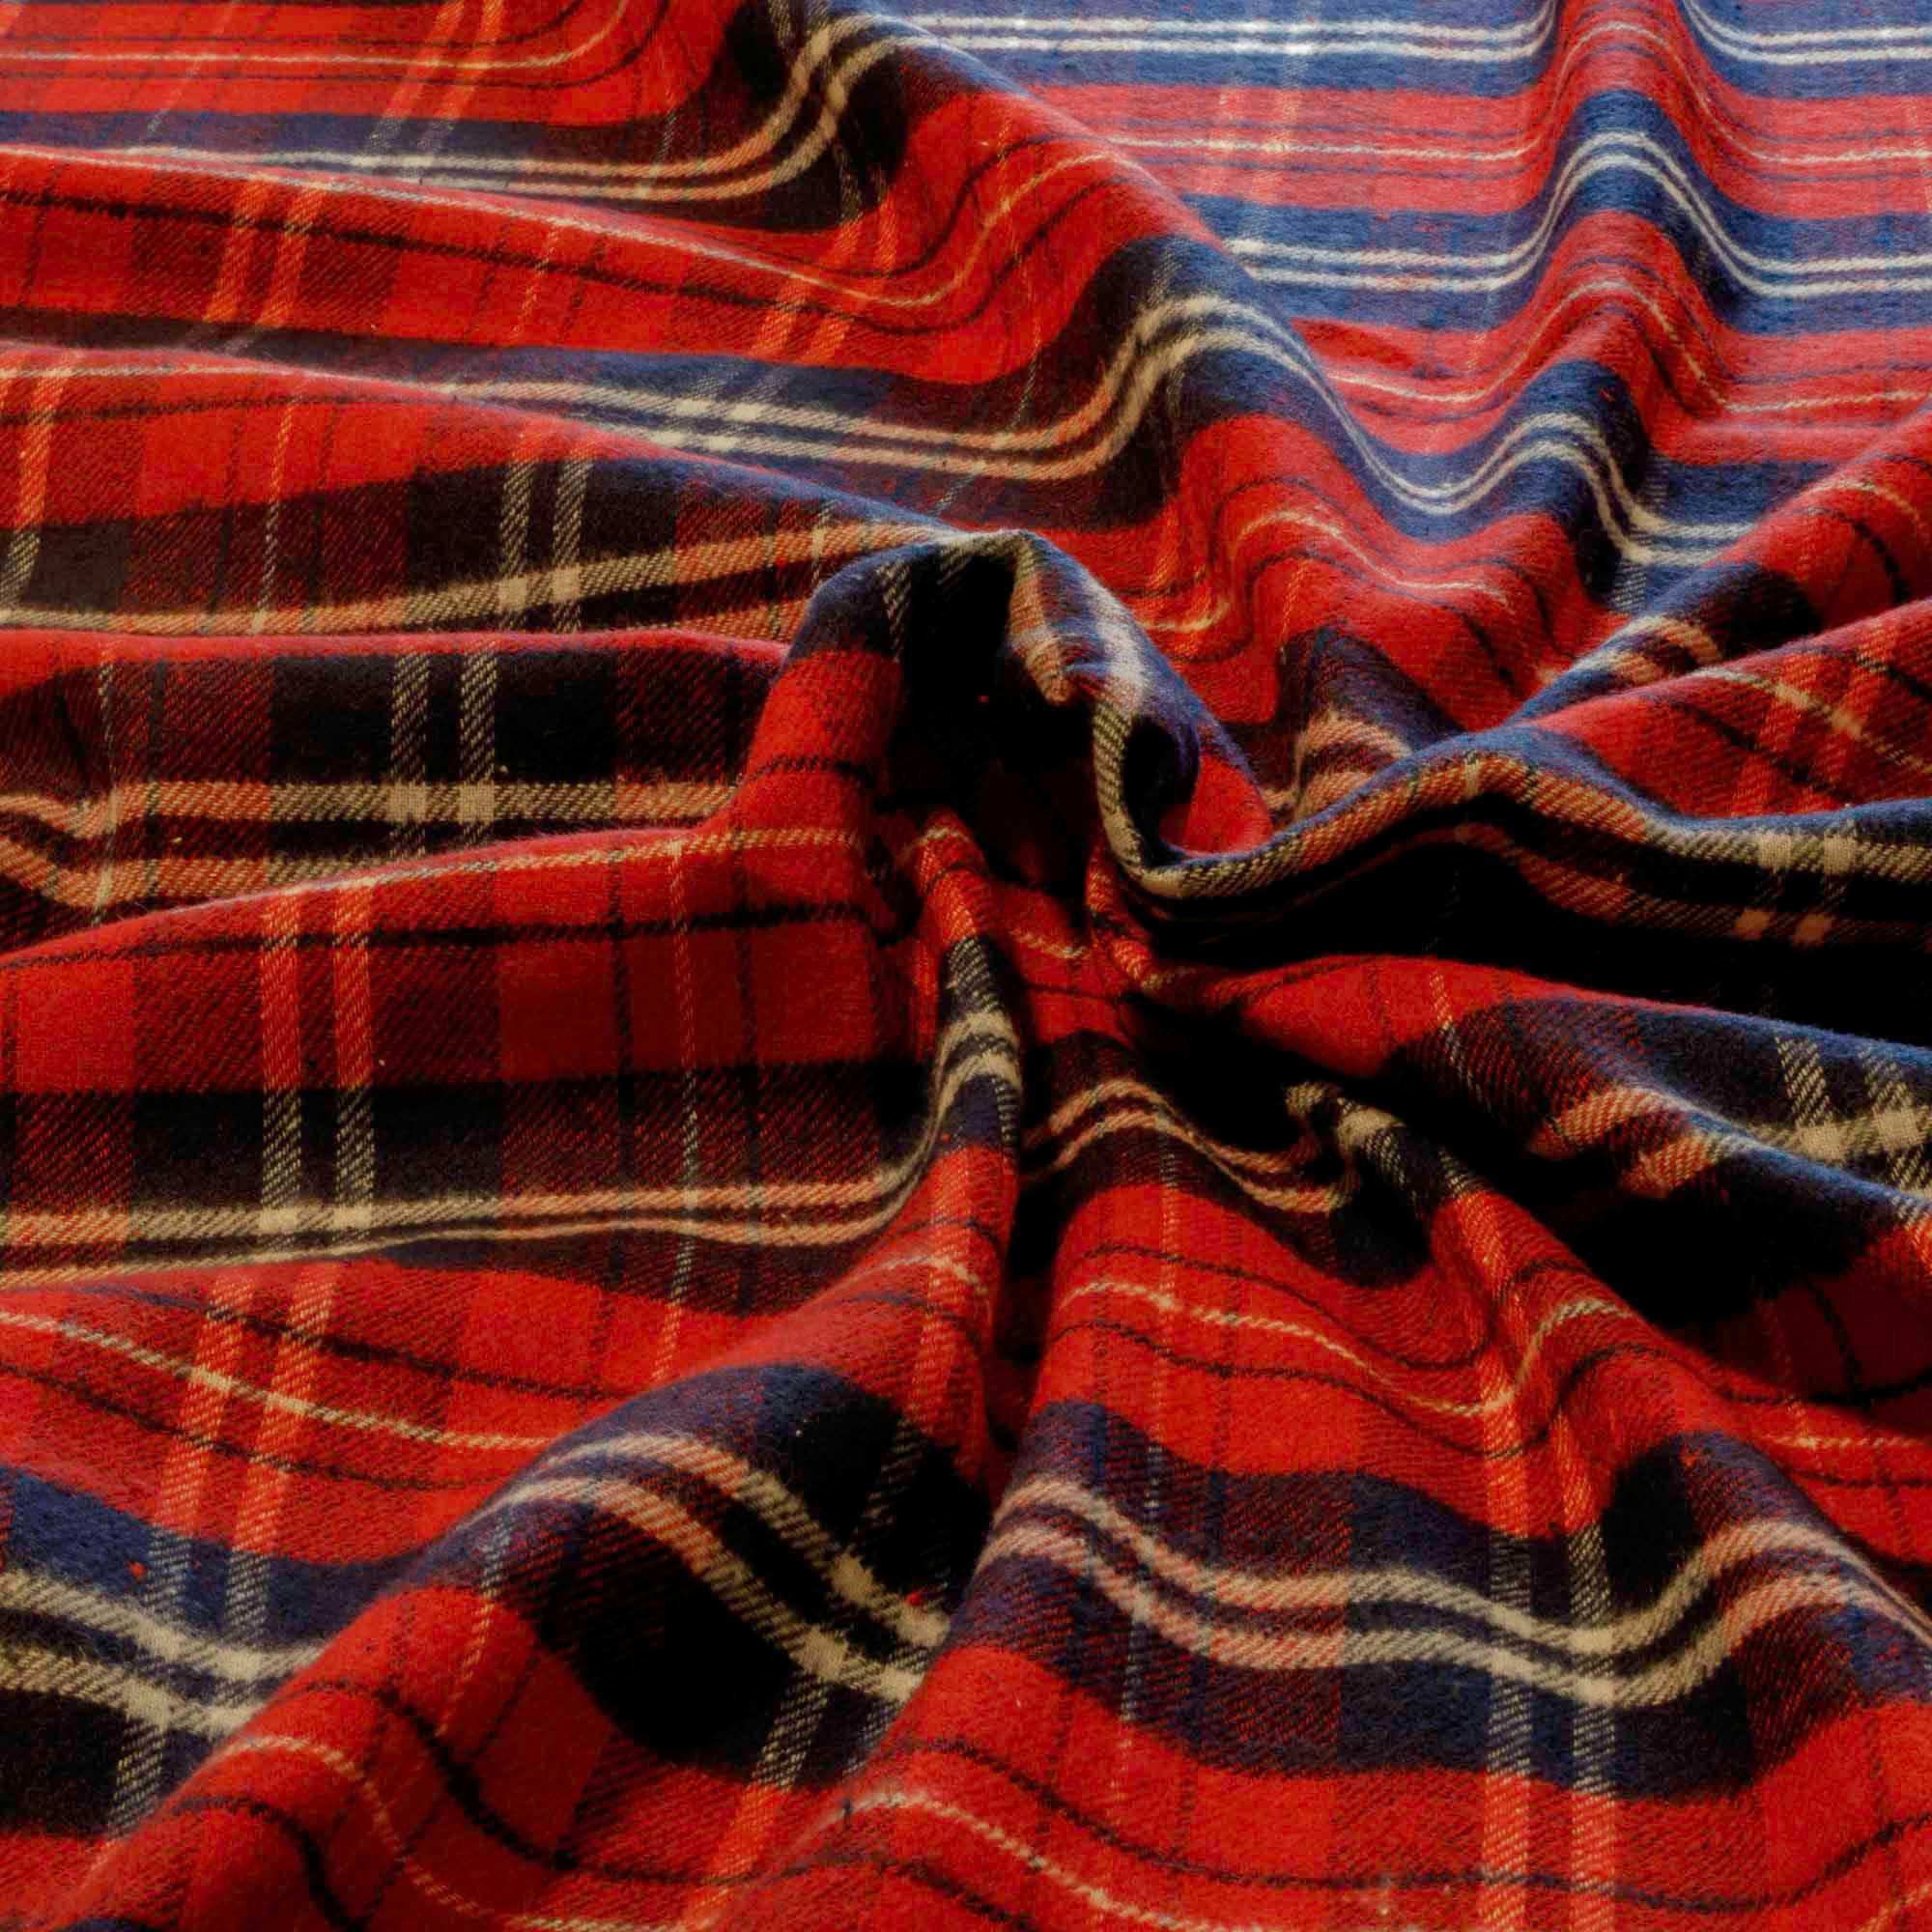 Tecido Flanela Xadrez 100% Algodão 1,60 Mt Largura Vermelha